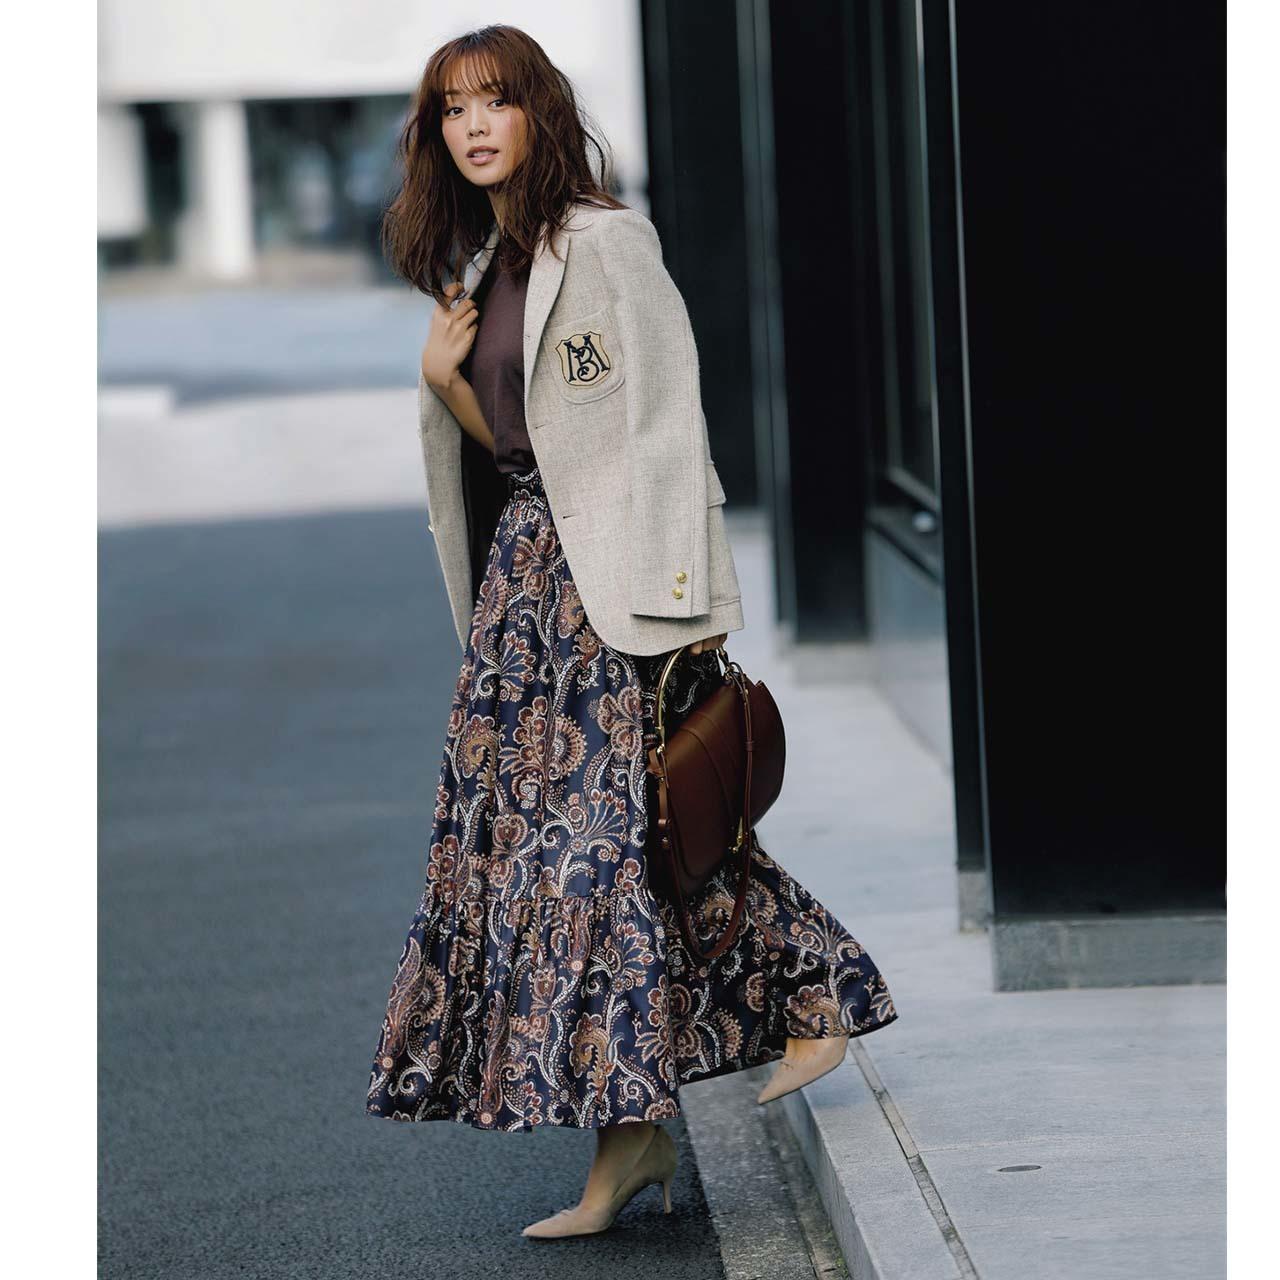 テーラードジャケット×ペイズリー柄ロングスカートの秋コーデ